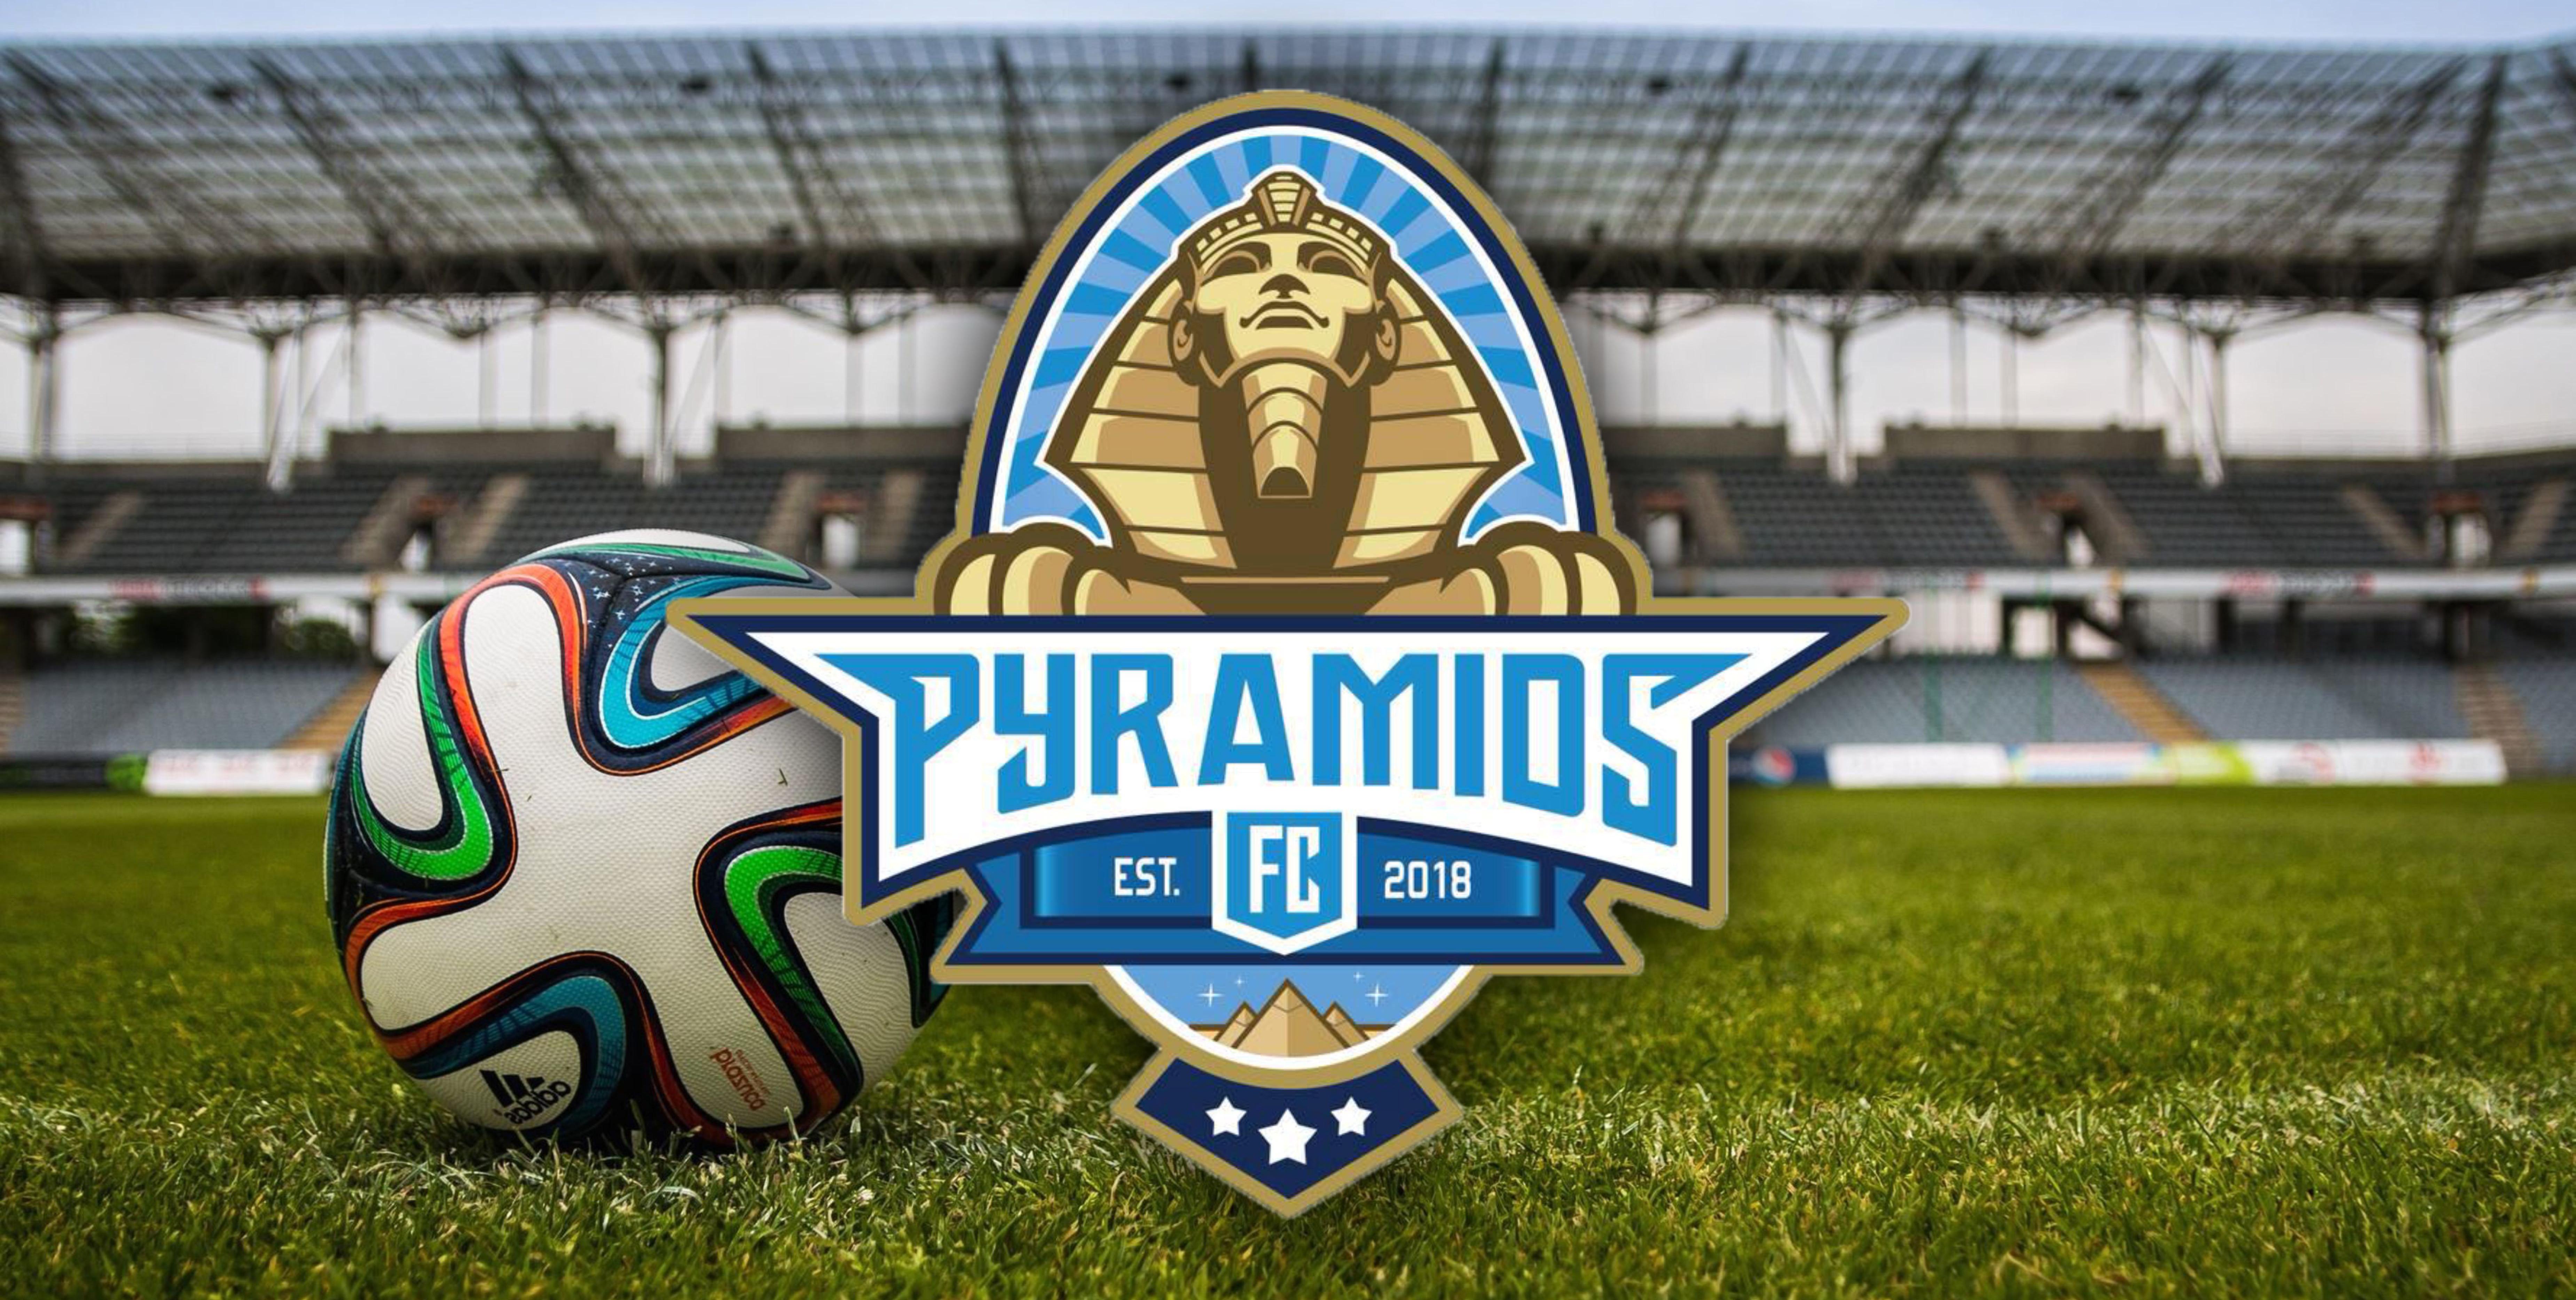 Pyramids FC – przyszły dominator na Czarnym Lądzie?